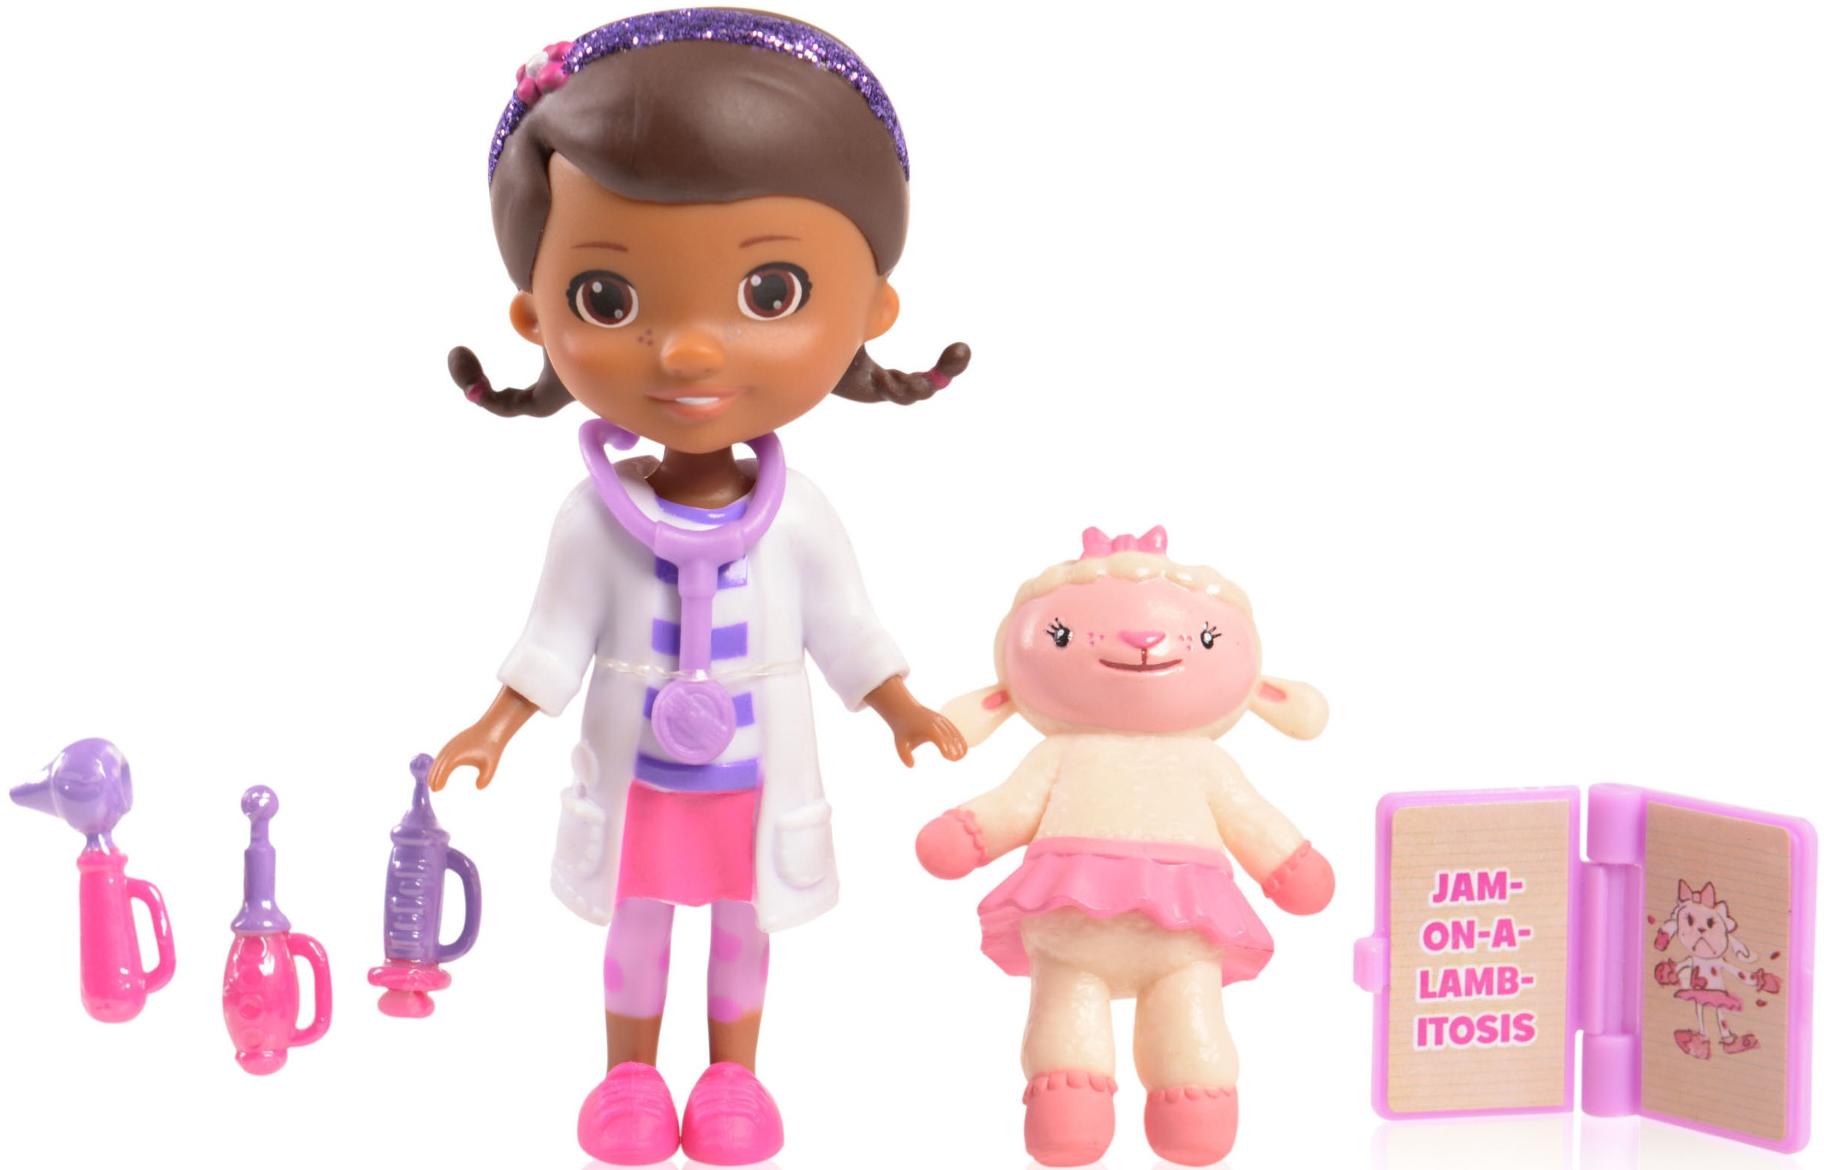 Игровые наборы Профессия Doctor Plusheva Игровой набор «Доктор Плюшева и ее друзья» в ассортименте доктор плюшева игровой набор с куклой время осмотра цвет халата сиреневый